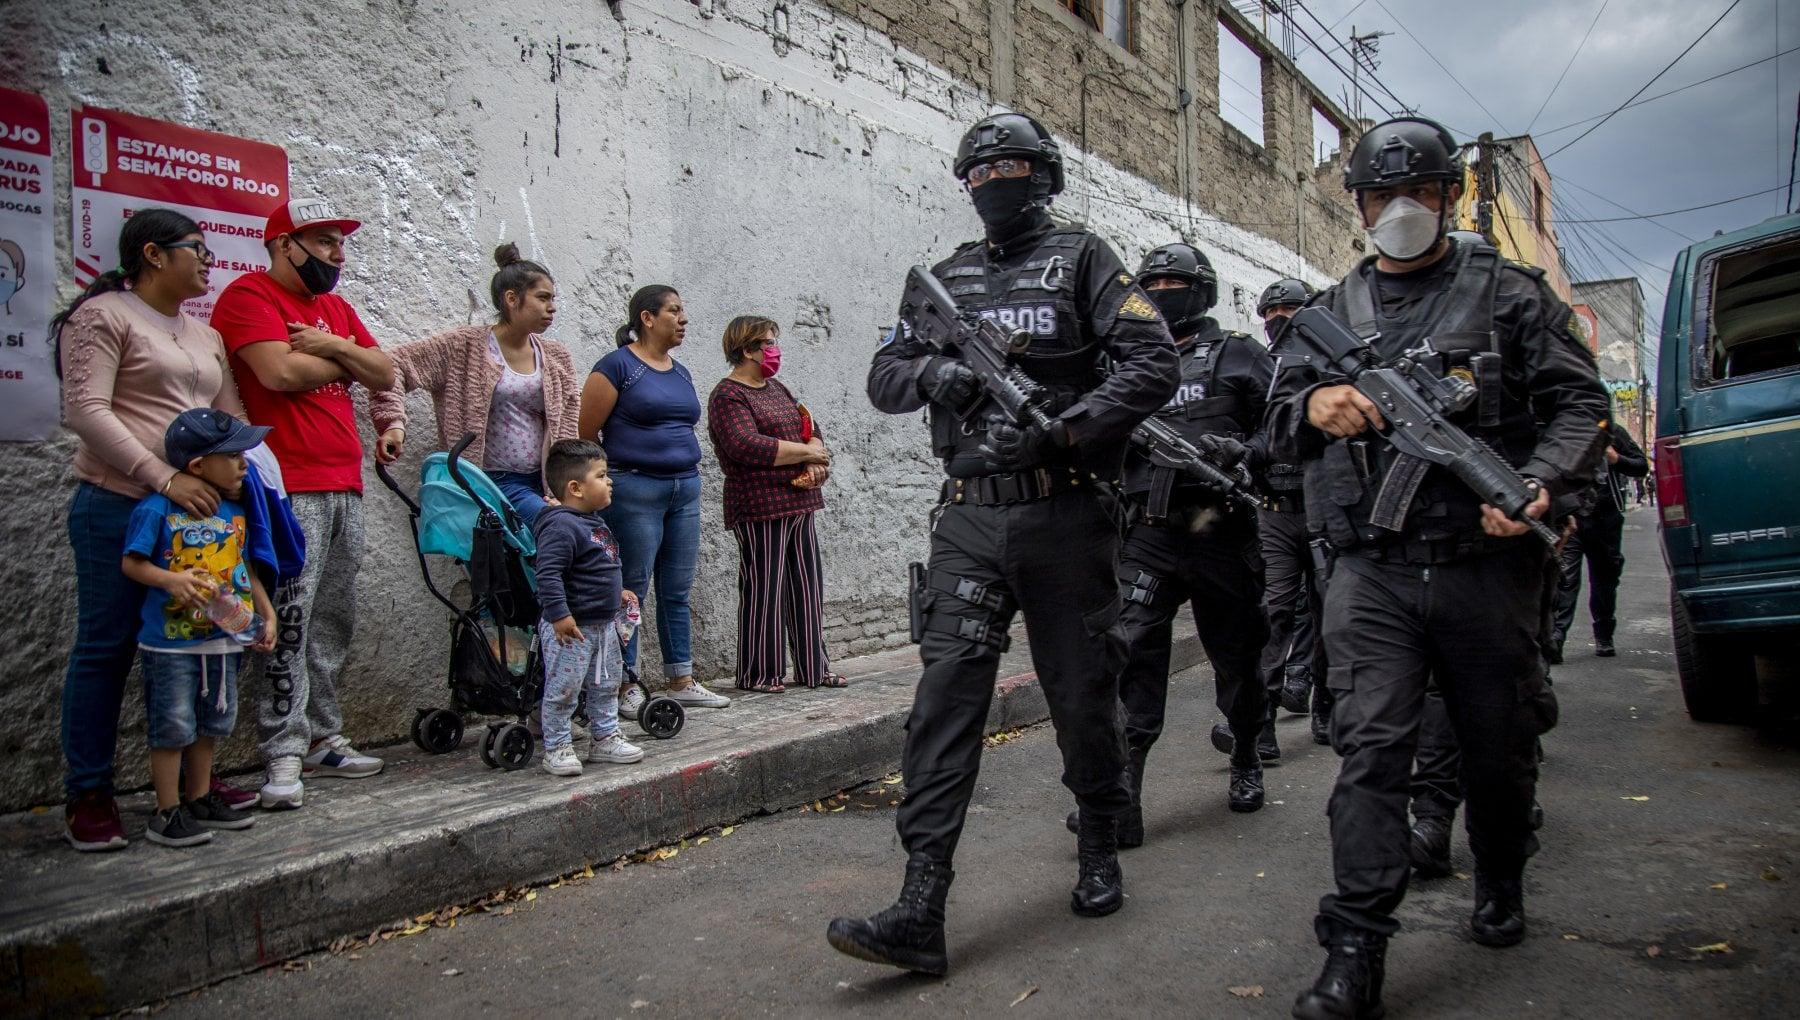 225250443 754a91be 951b 4c16 9f5c d9ef22132414 - Droga e omicidi. ecco le città più violente del mondo. Il record va al Messico